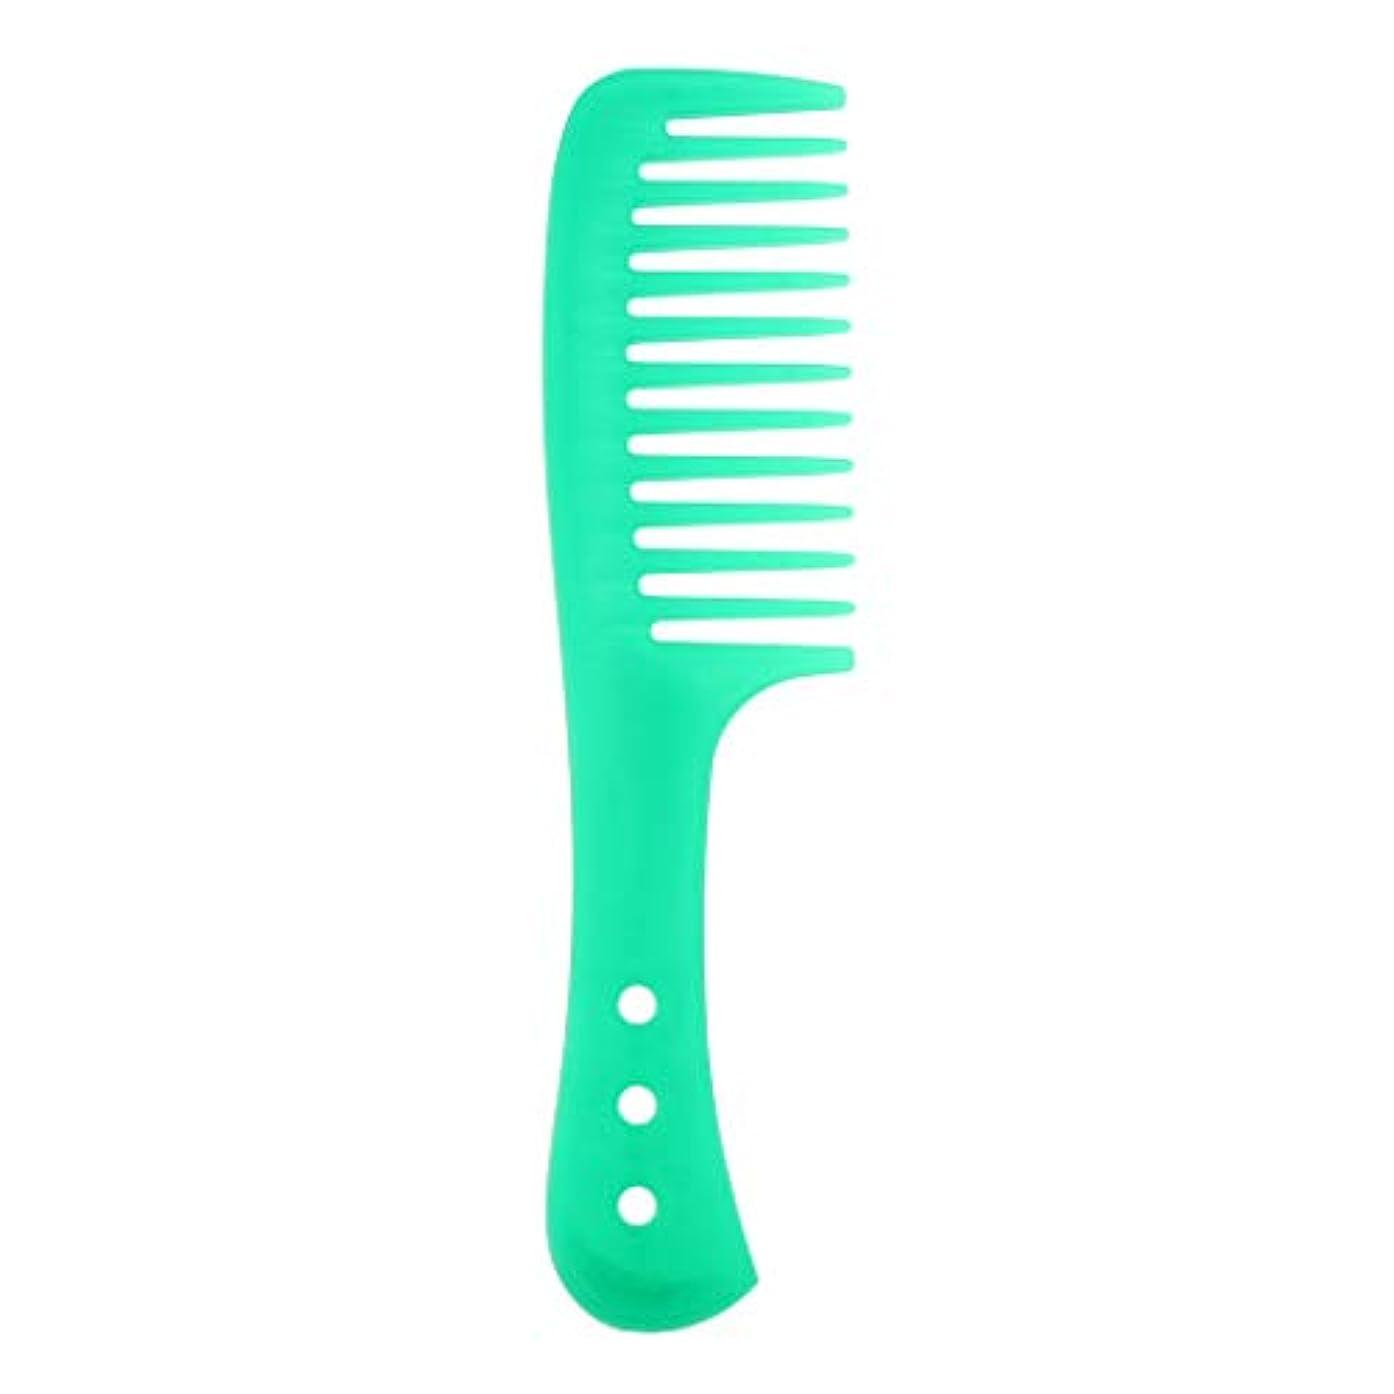 制限言い訳削除するポータブル理髪広い歯の櫛巻き毛のDetangler頭皮マッサージブラシ - 緑